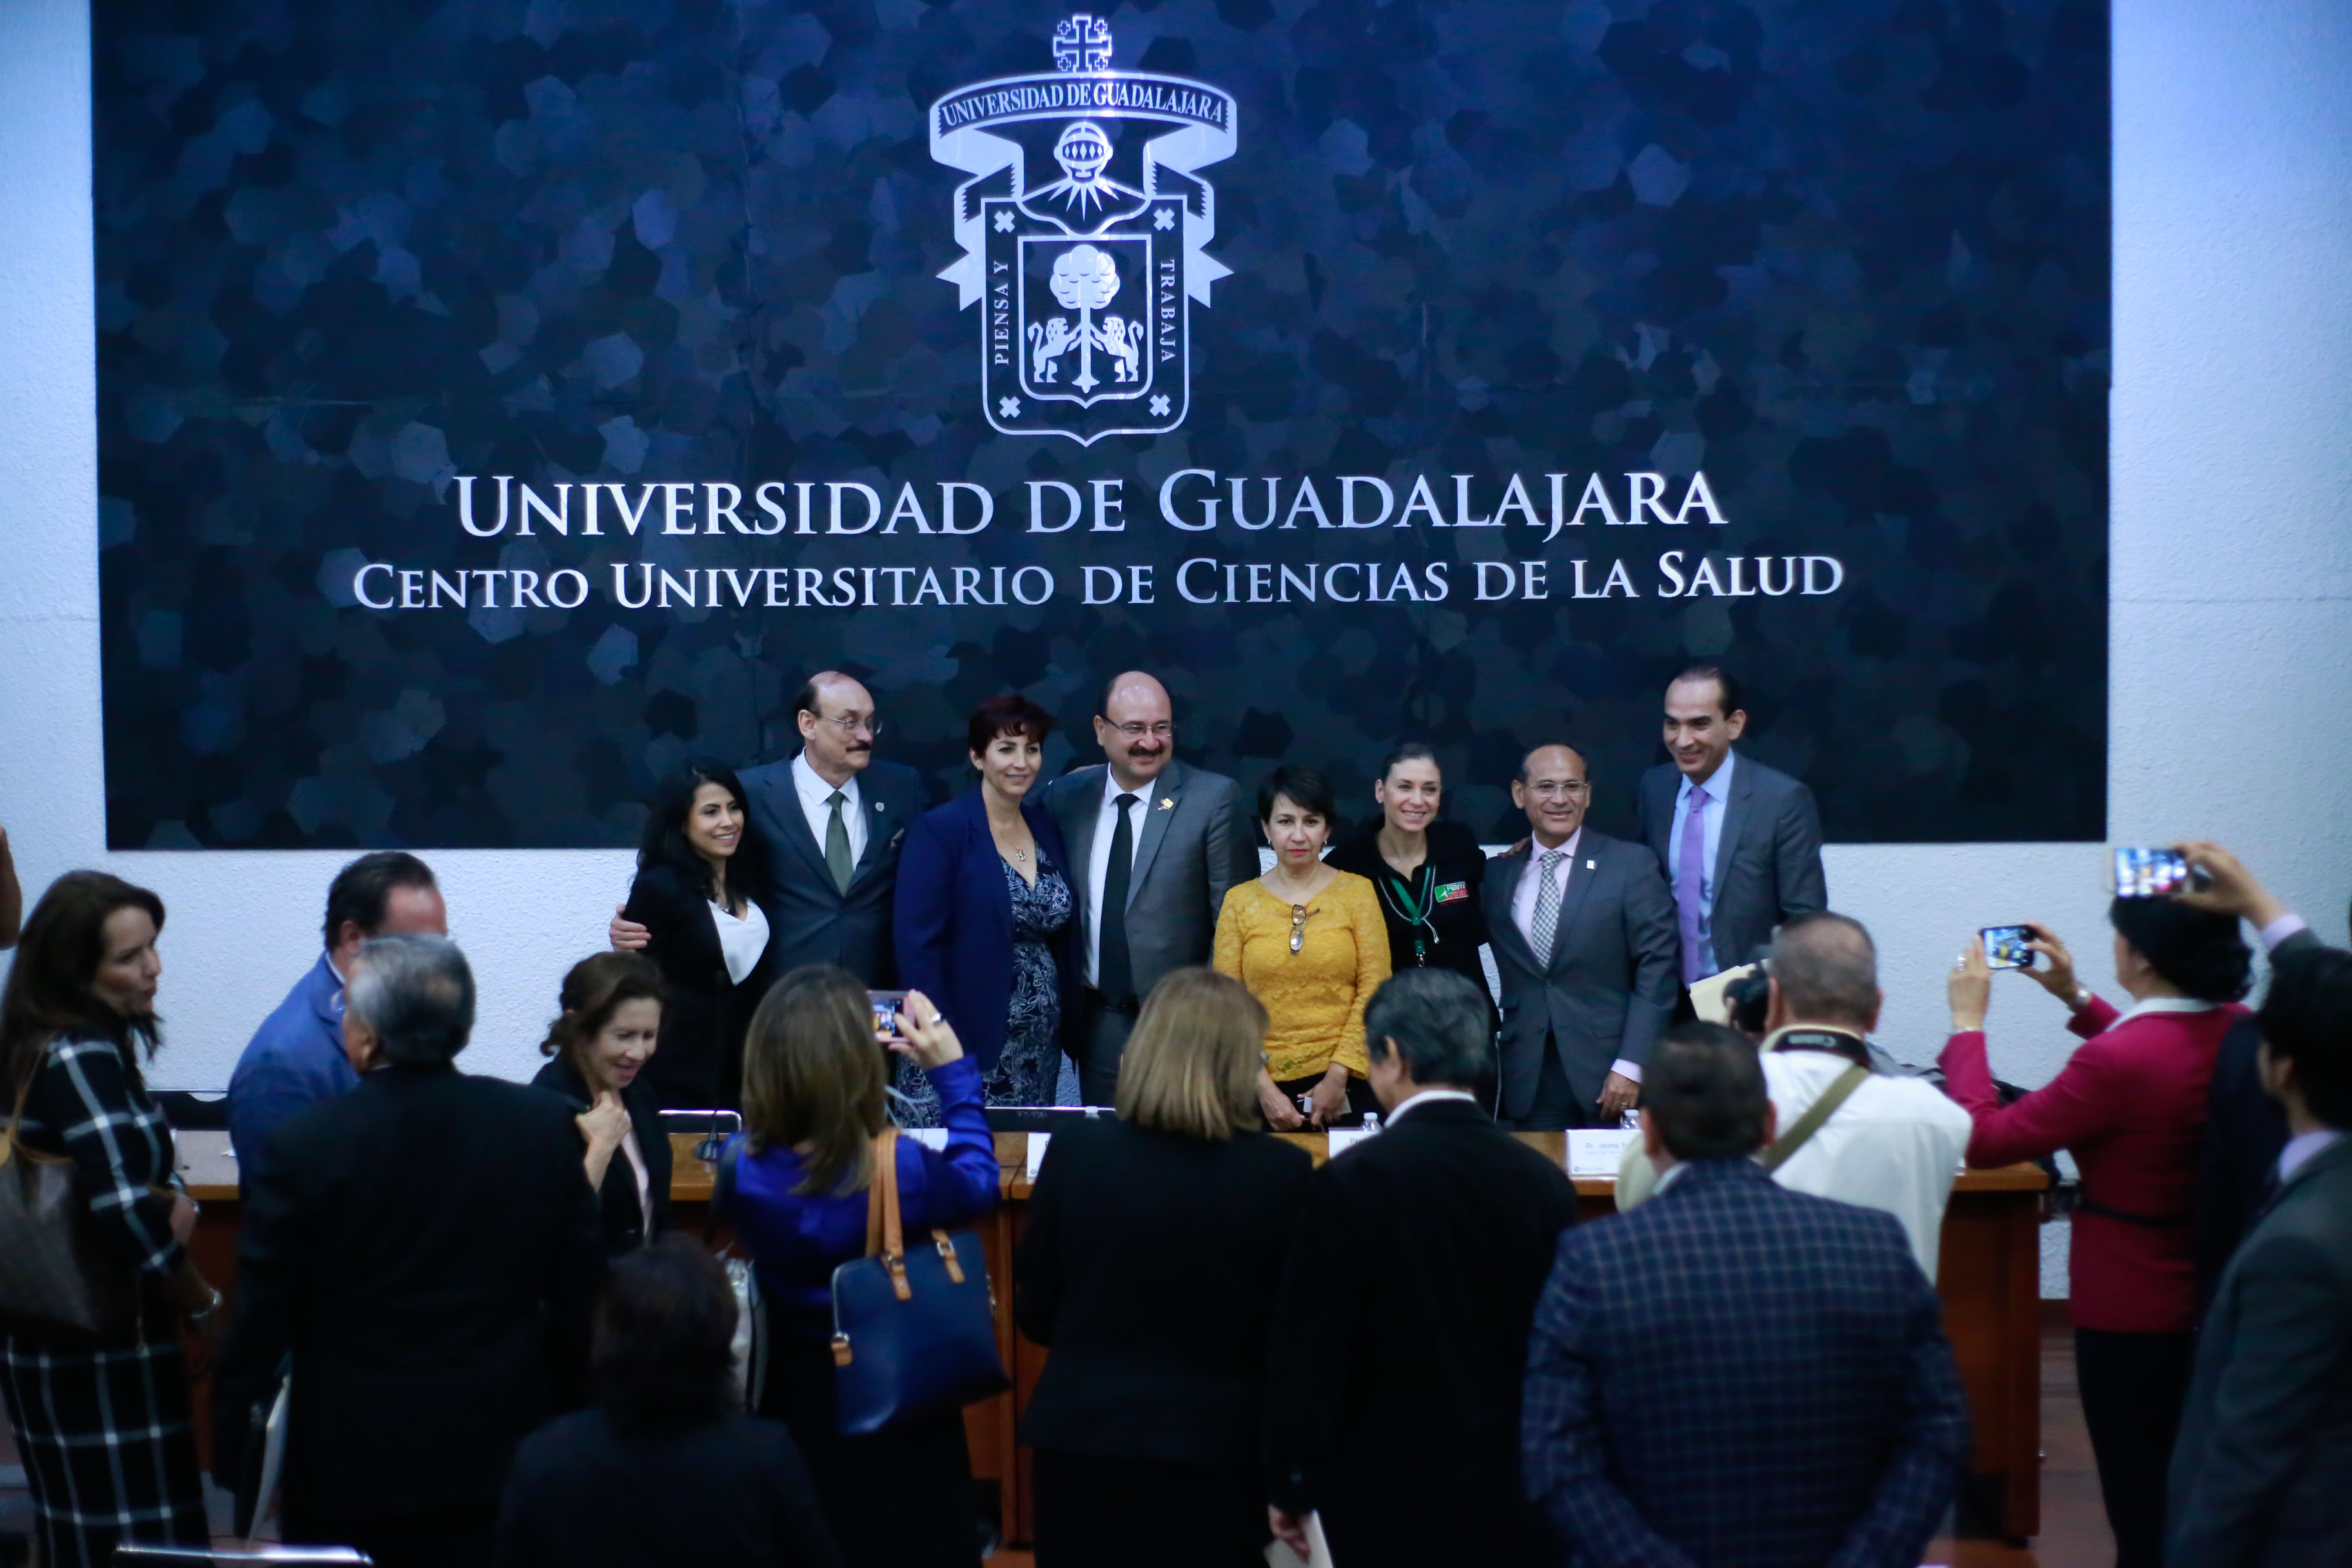 Foto grupal de los miembros del presídium al final del Foro